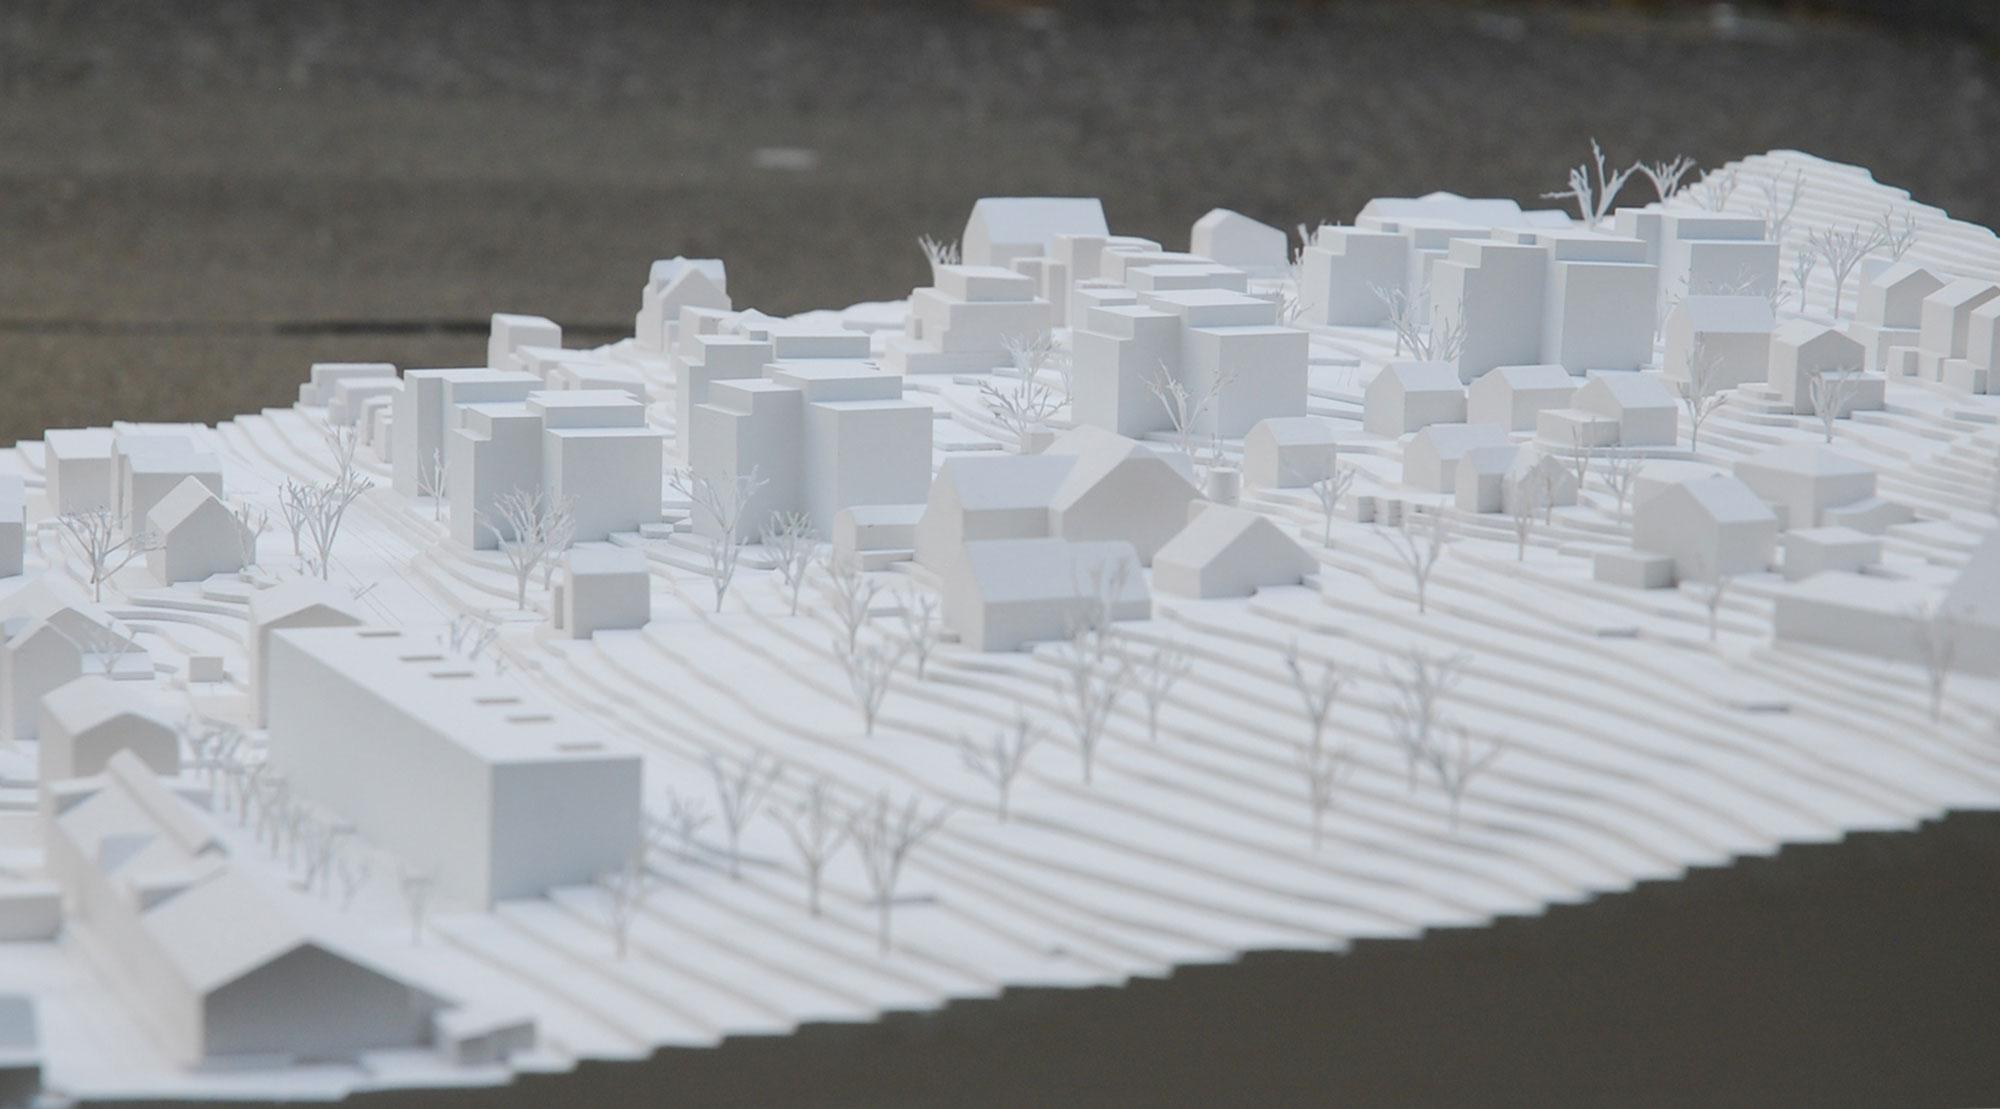 MAA_Murer_Andre_Architektur_Brunnehof_Modell_001_web.jpg